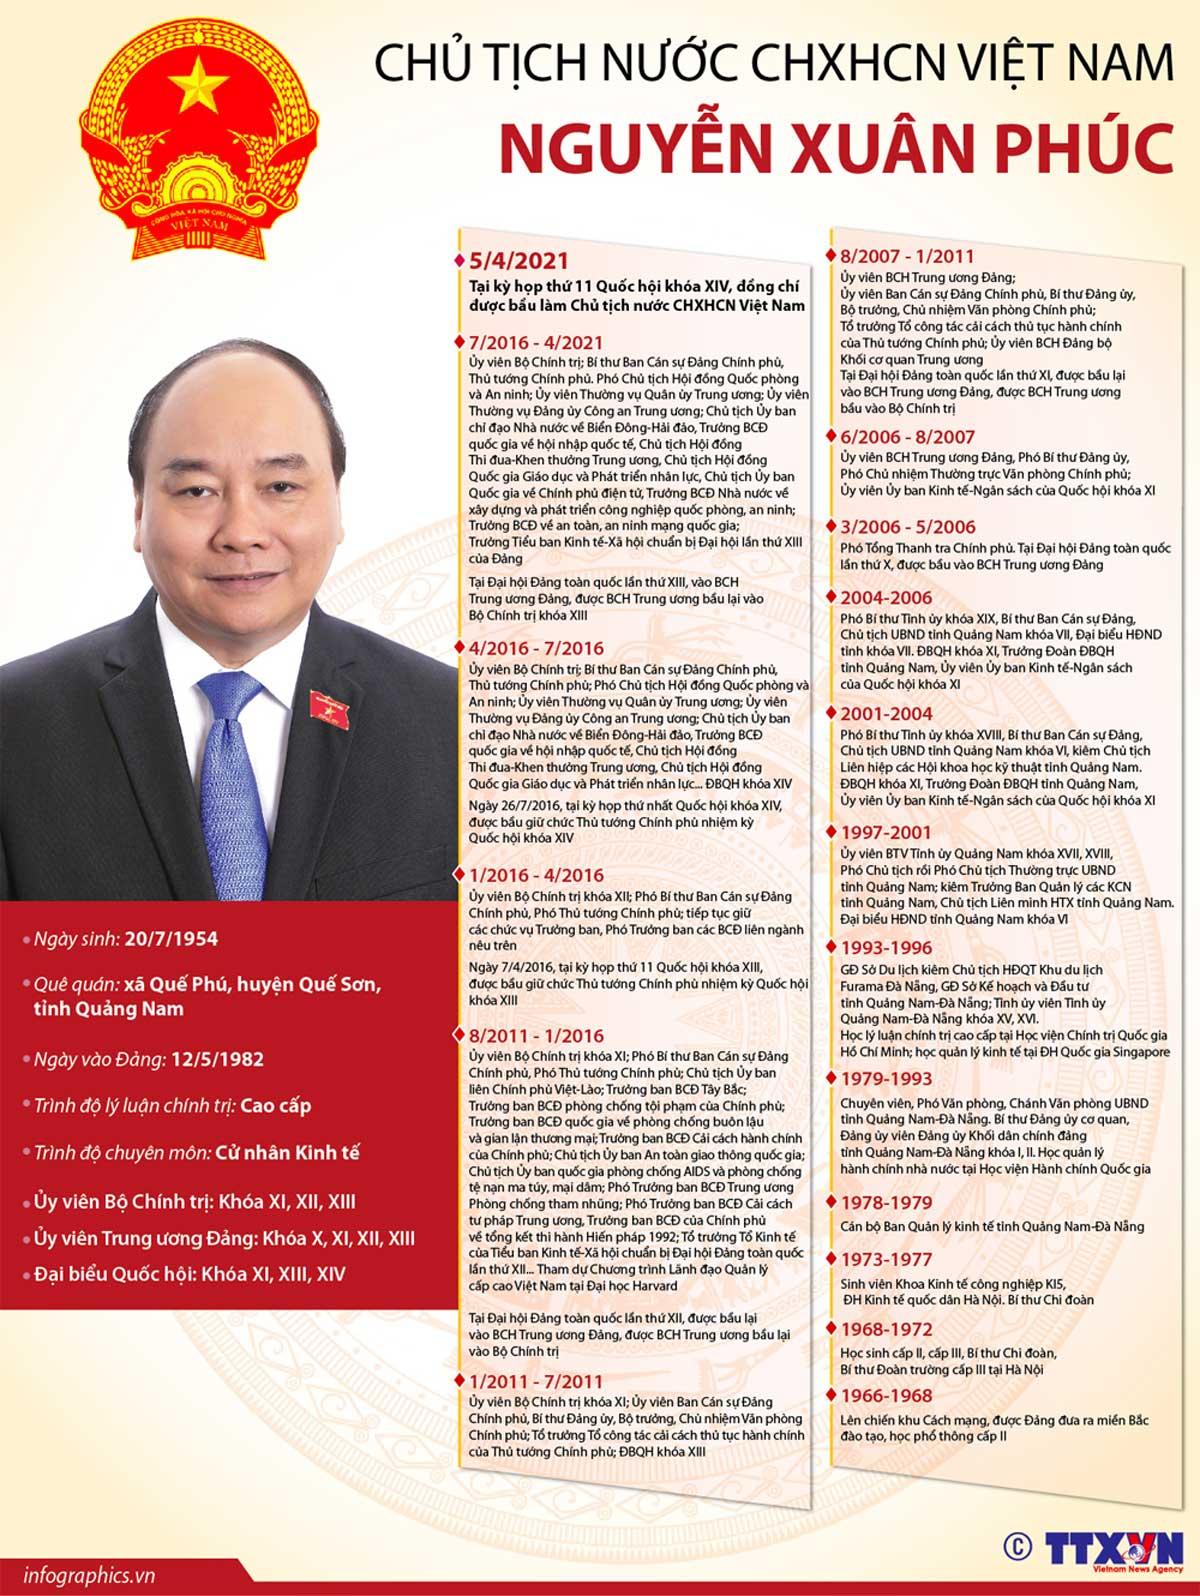 Chủ tịch nước CHXHCN Việt Nam, Nguyễn Xuân Phúc